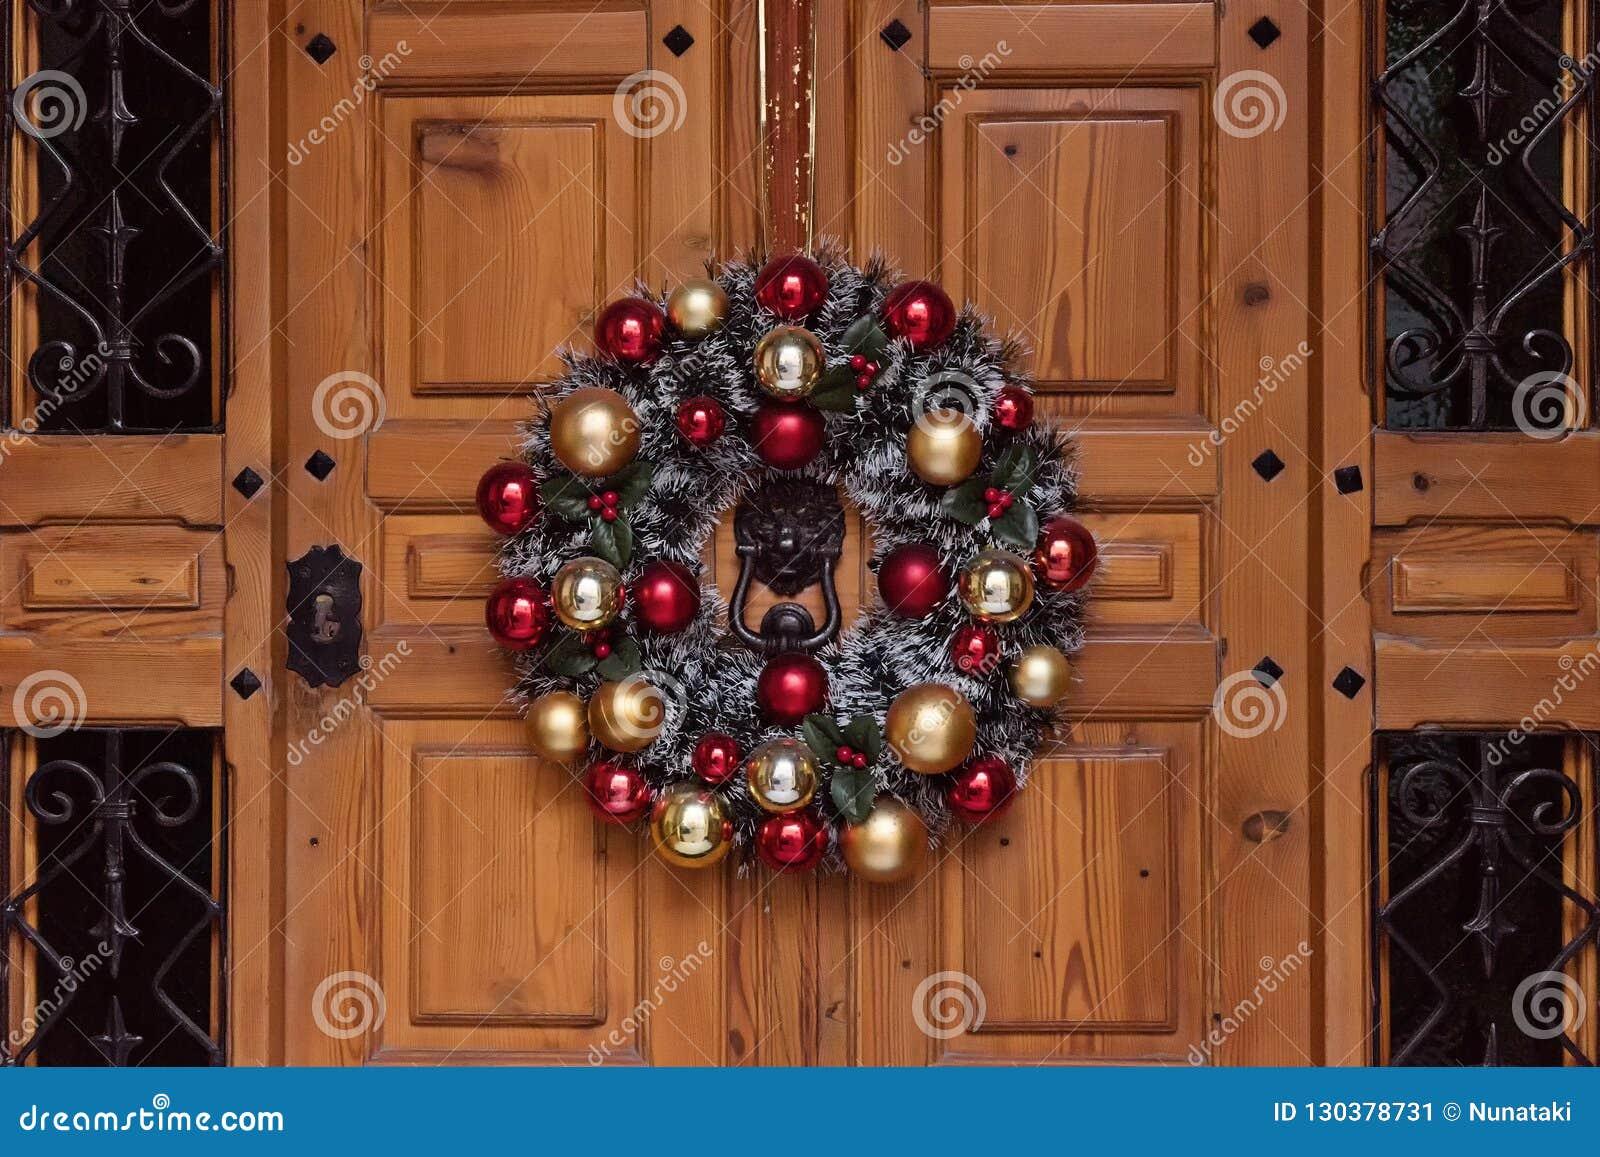 Decoration De La Maison Pour Noel Image Stock Image Du